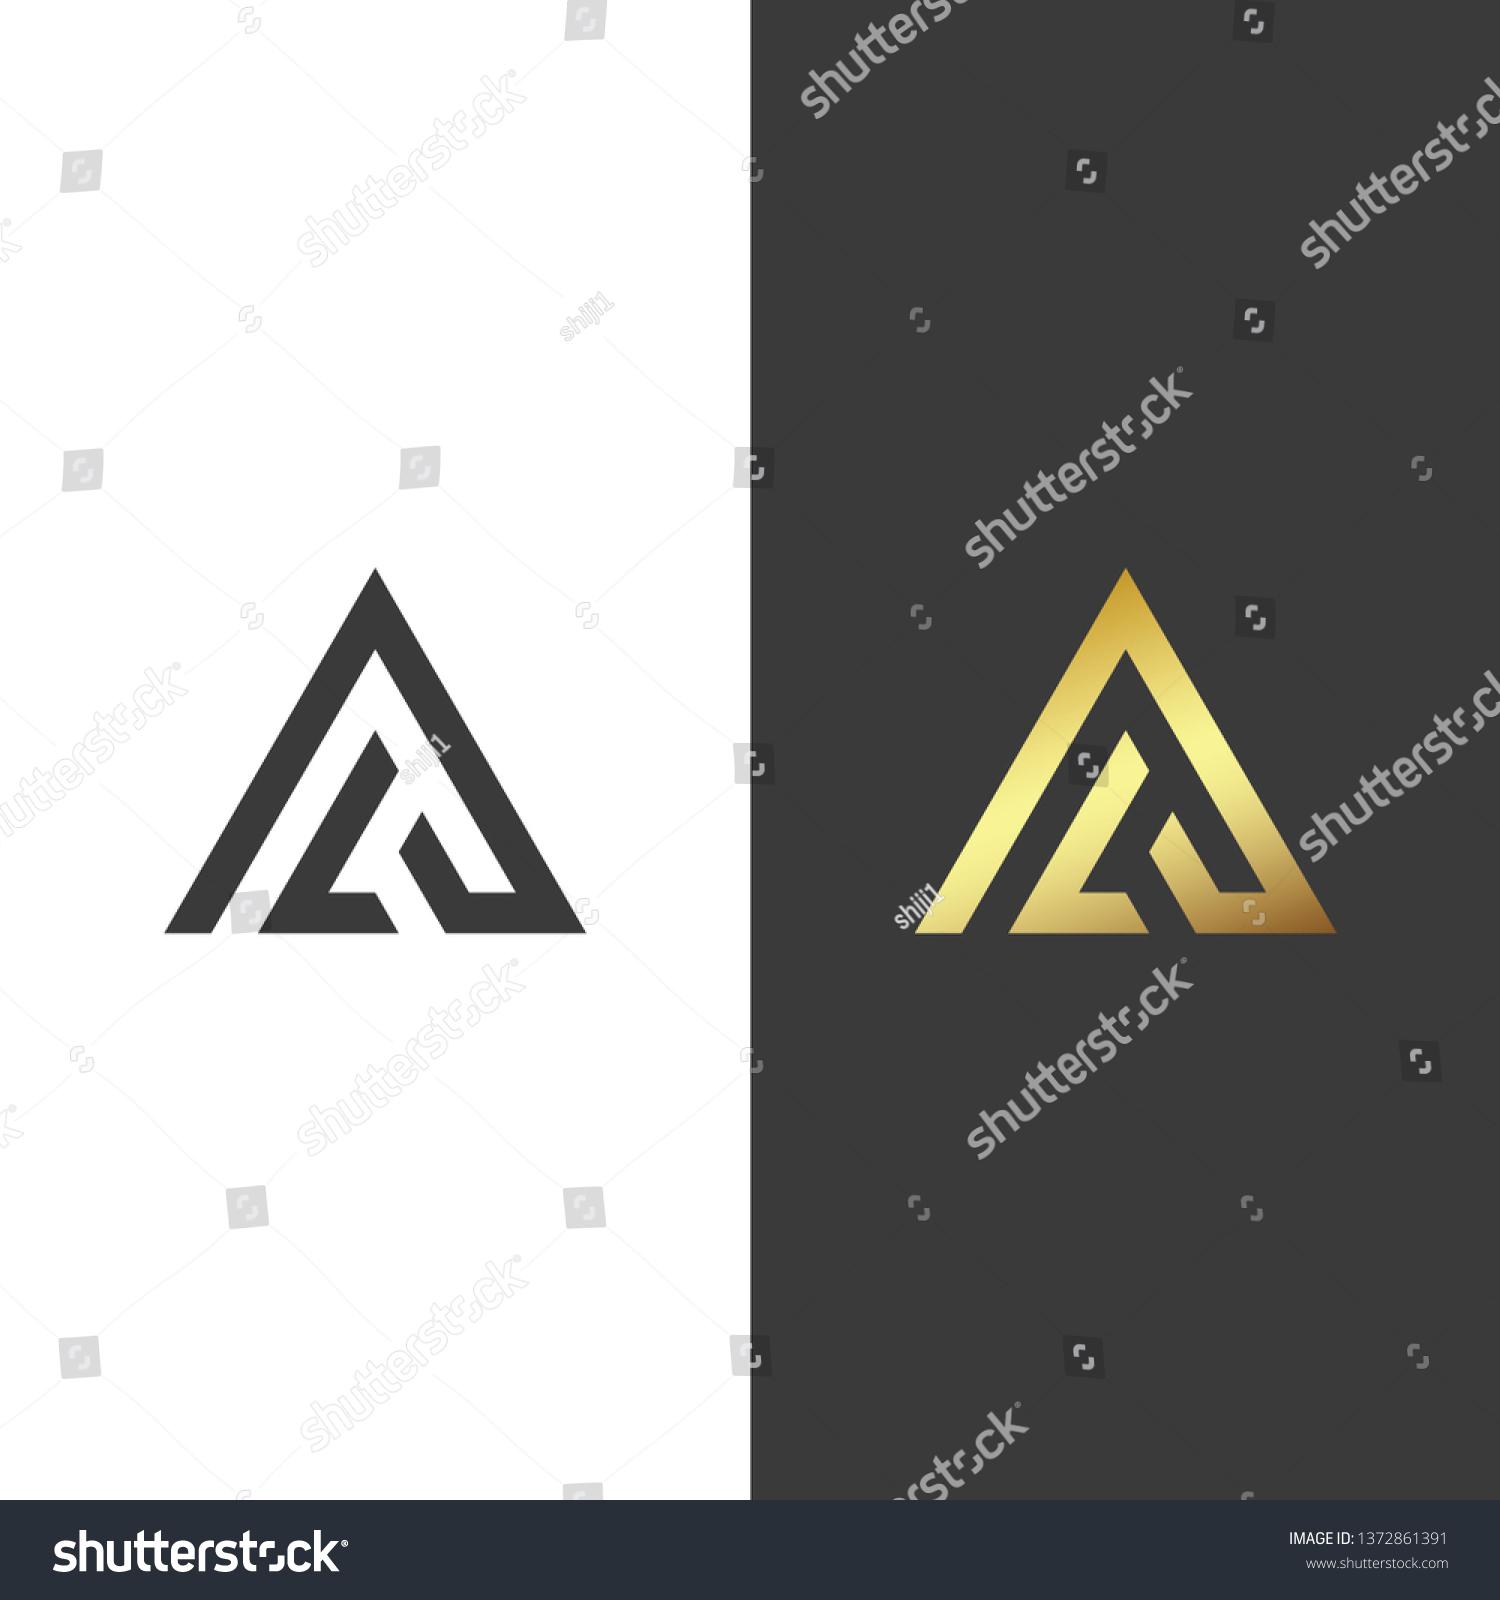 Al Monogram Logo Stock Vector Royalty Free 1372861391